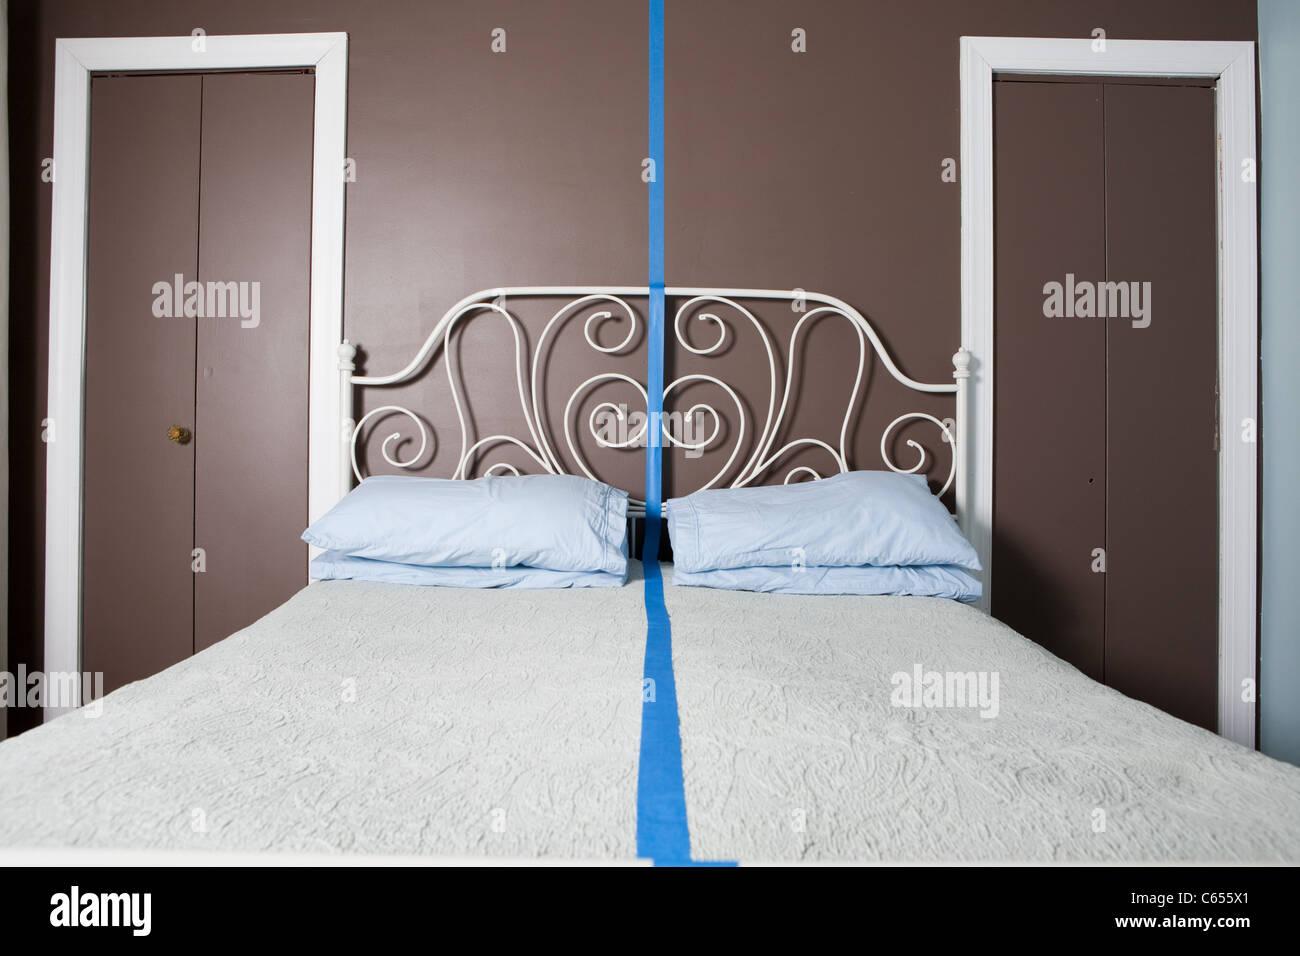 Lit double séparée par ligne bleue Photo Stock